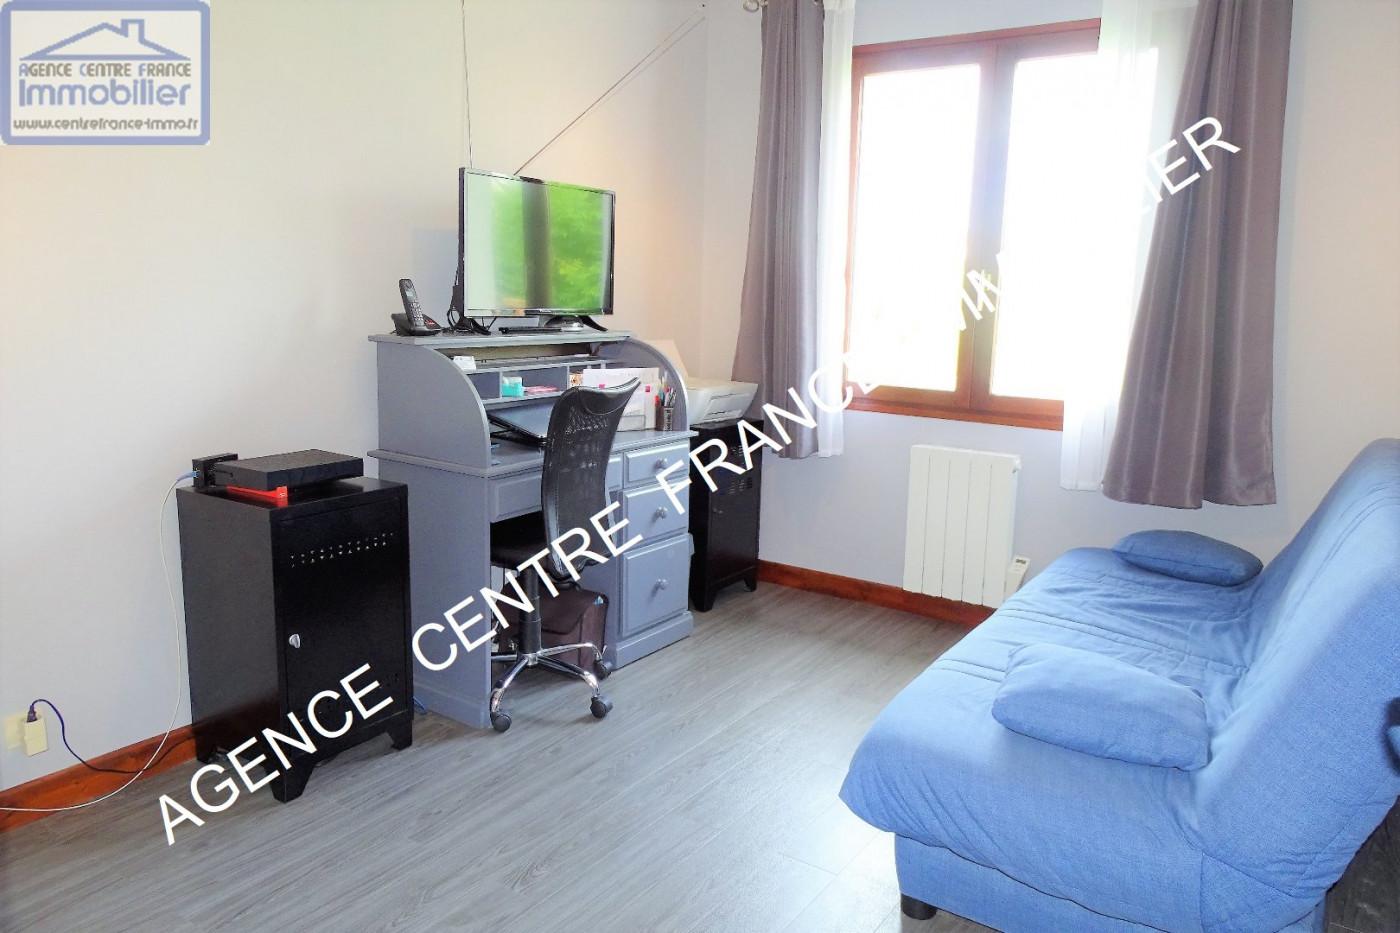 A vendre  La Chapelle Saint Ursin   Réf 030011518 - Agence centre france immobilier